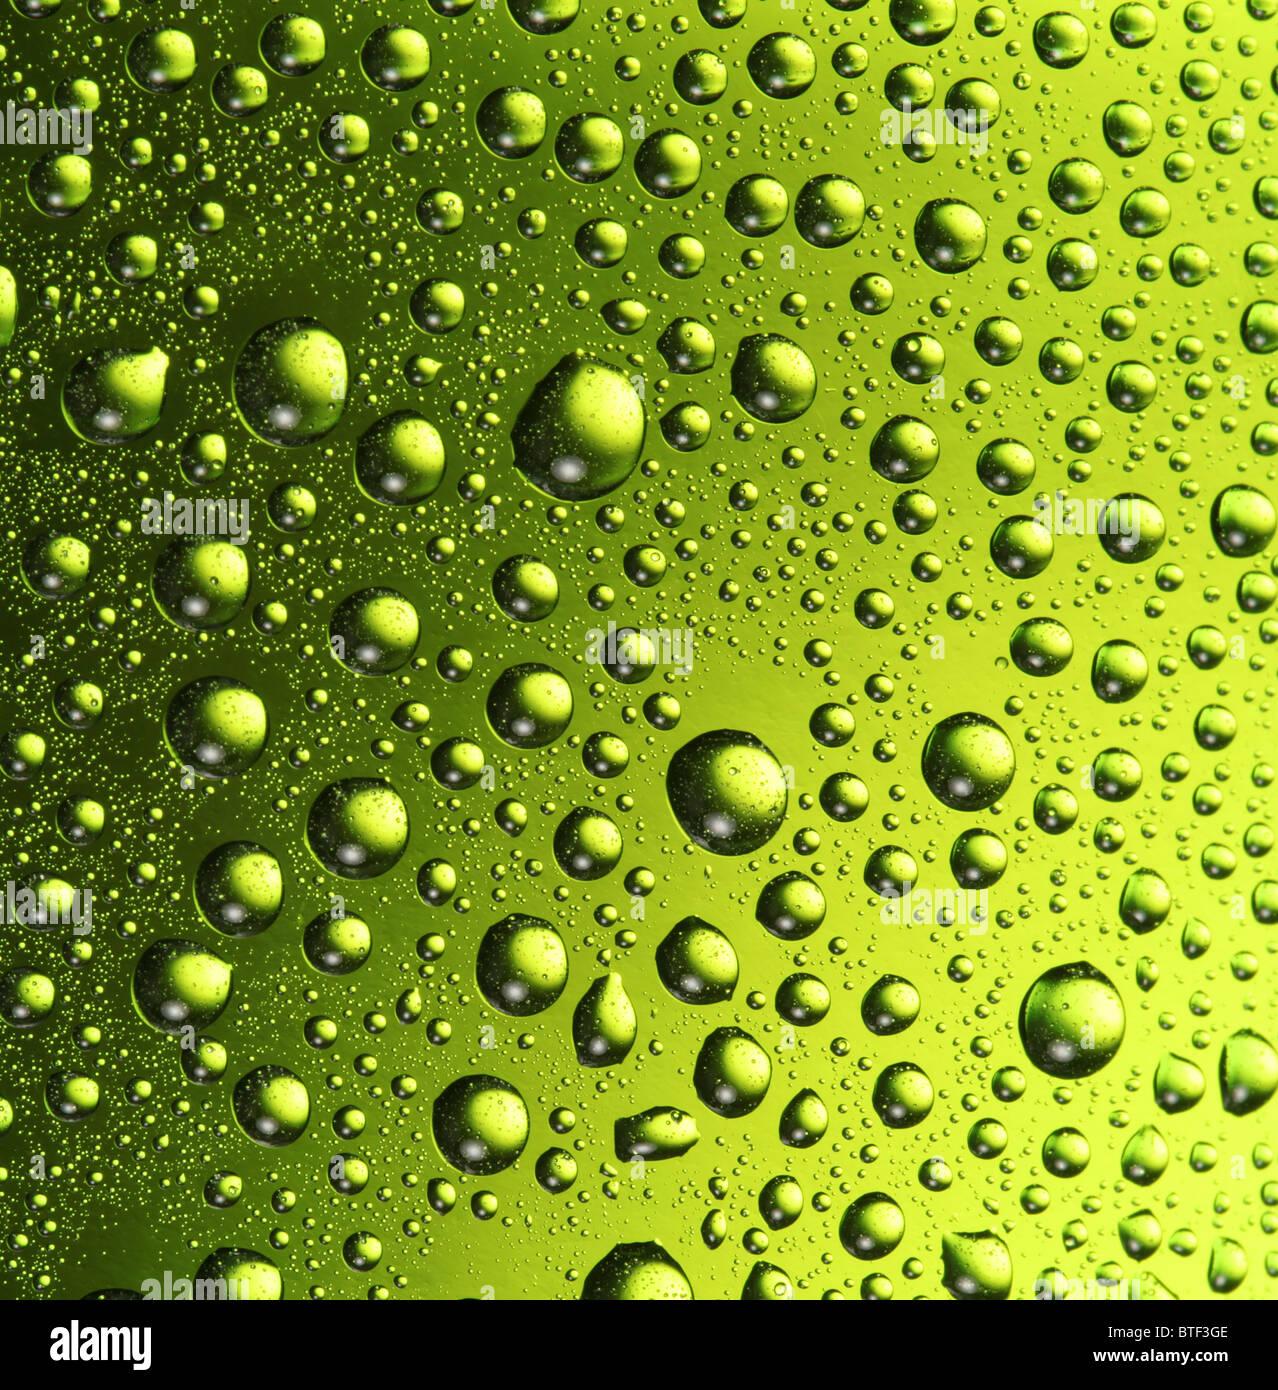 Textur des Wasser tropft auf die Flasche Bier. Stockbild